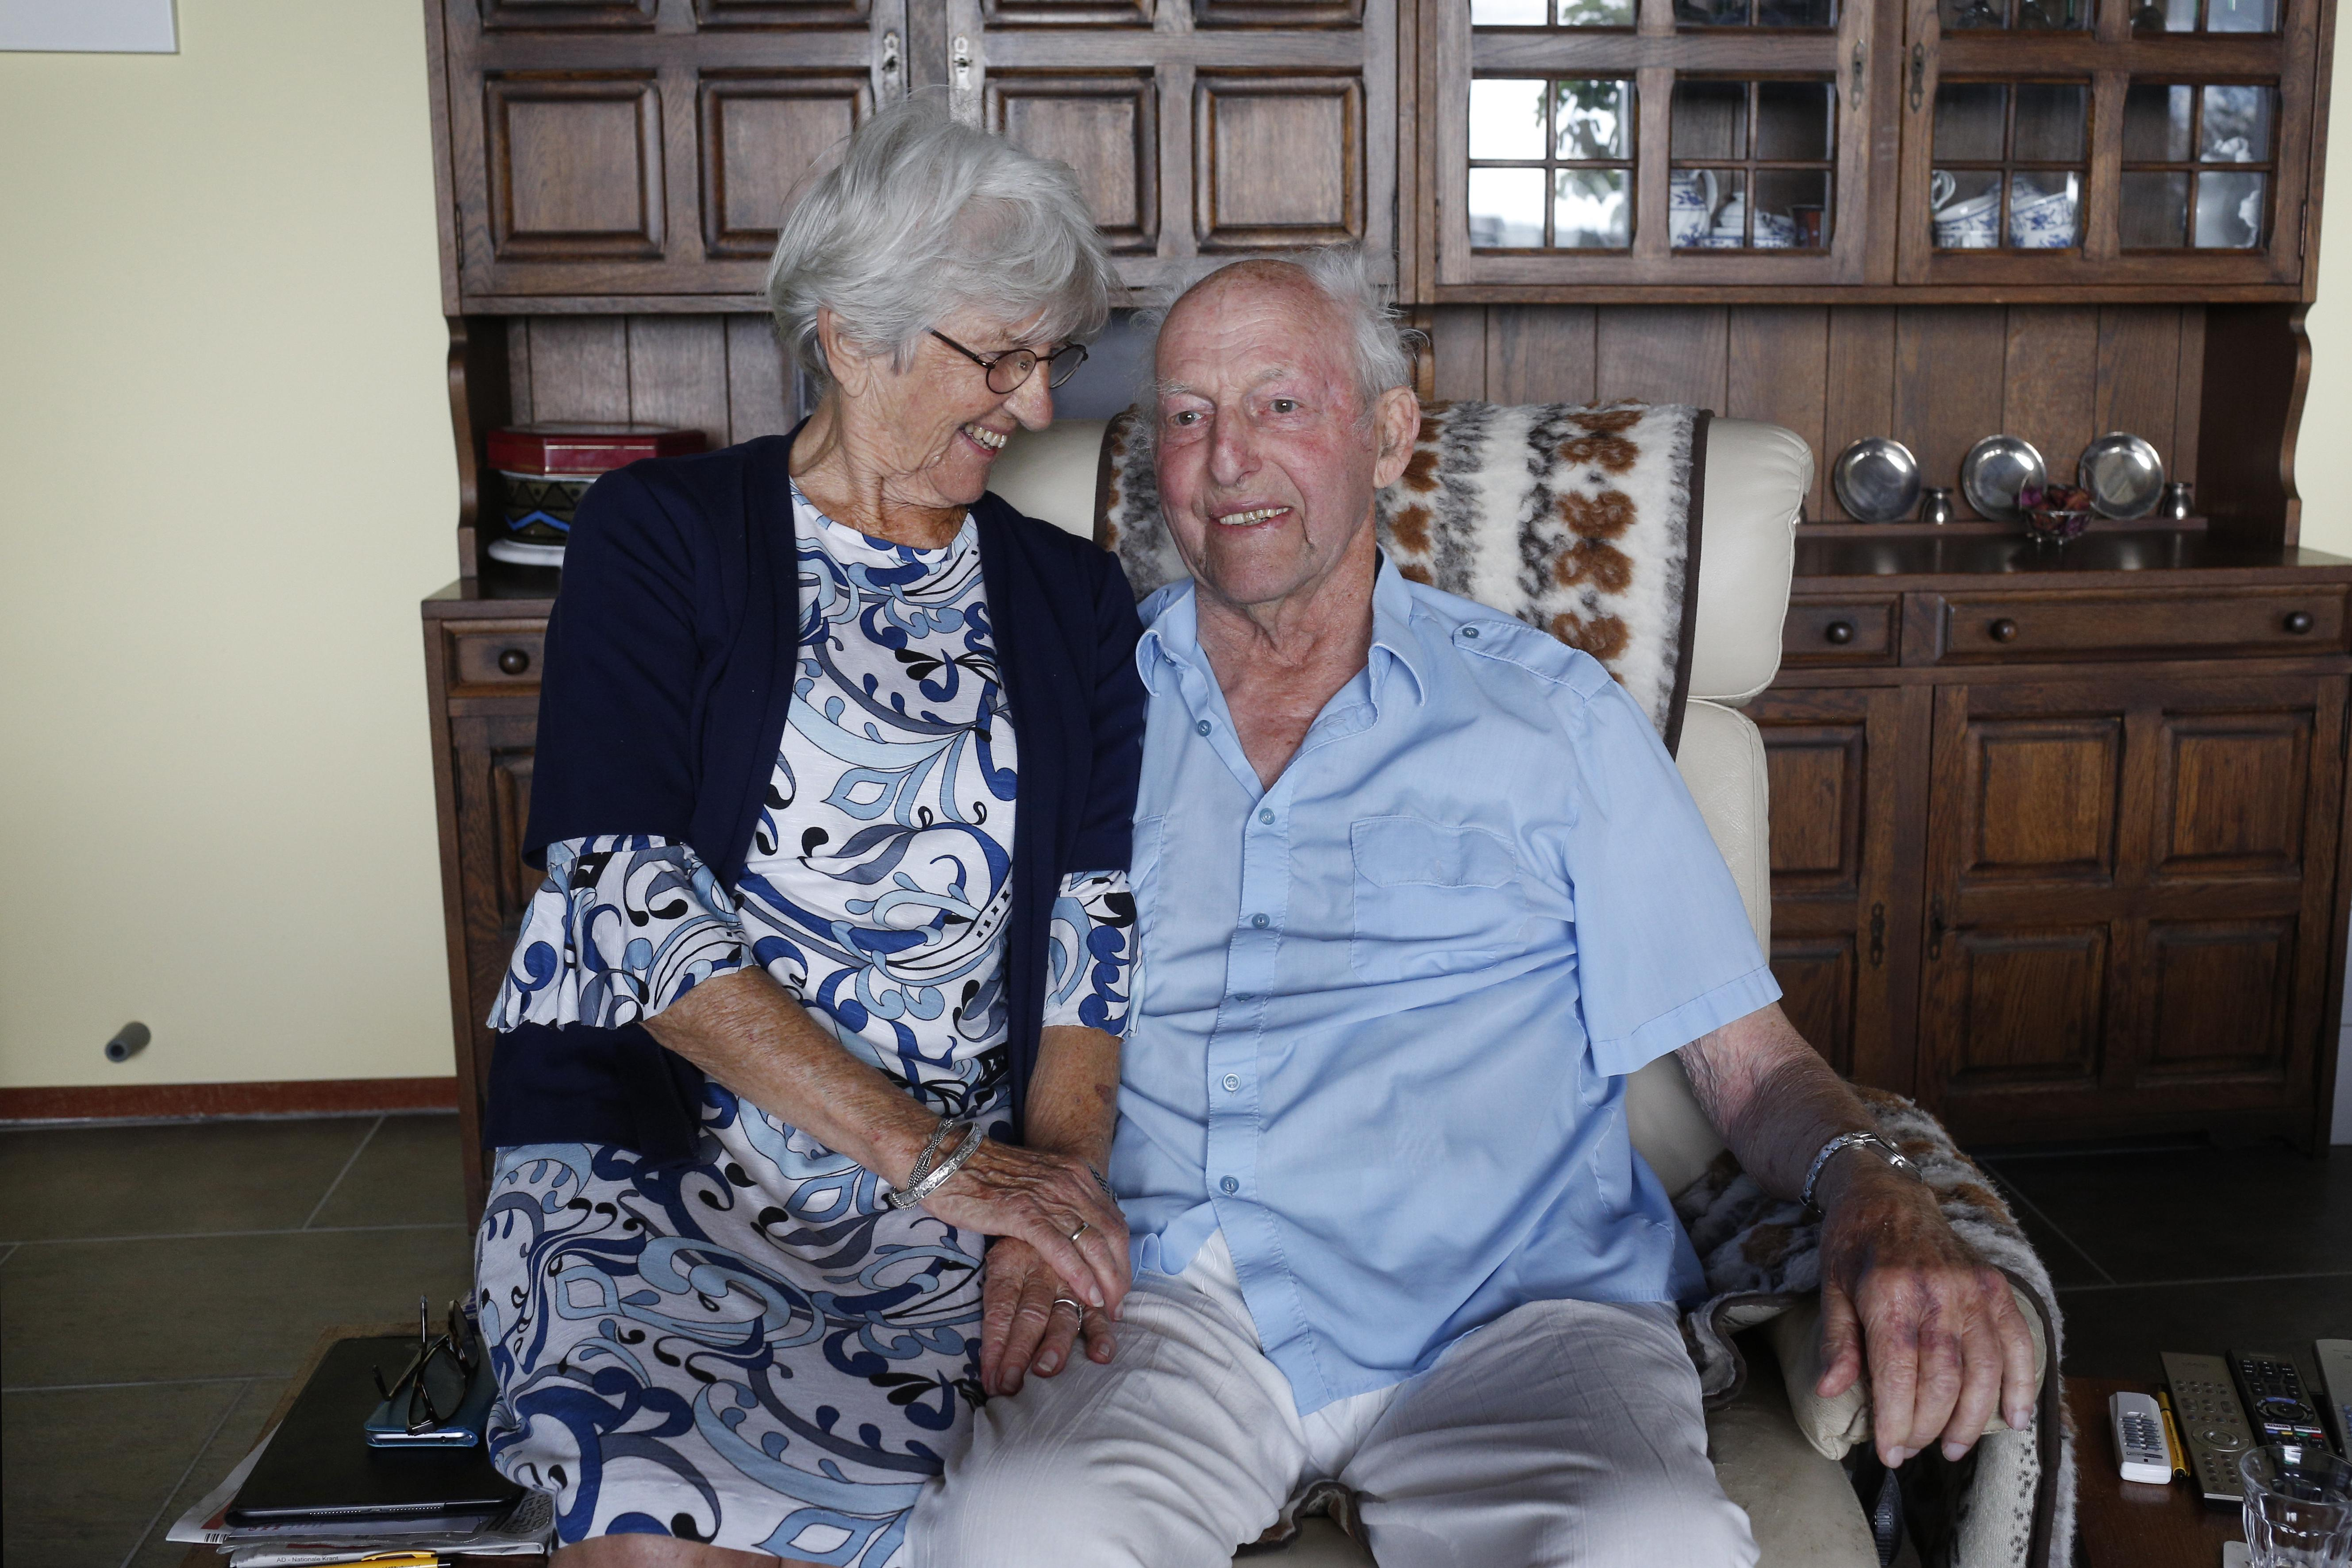 Voormalig tenniscrack en golfster al zestig jaar samen in Kortenhoef: 'Ik dacht, we redden het niet meer, maar gelukkig konden we het toch vieren'